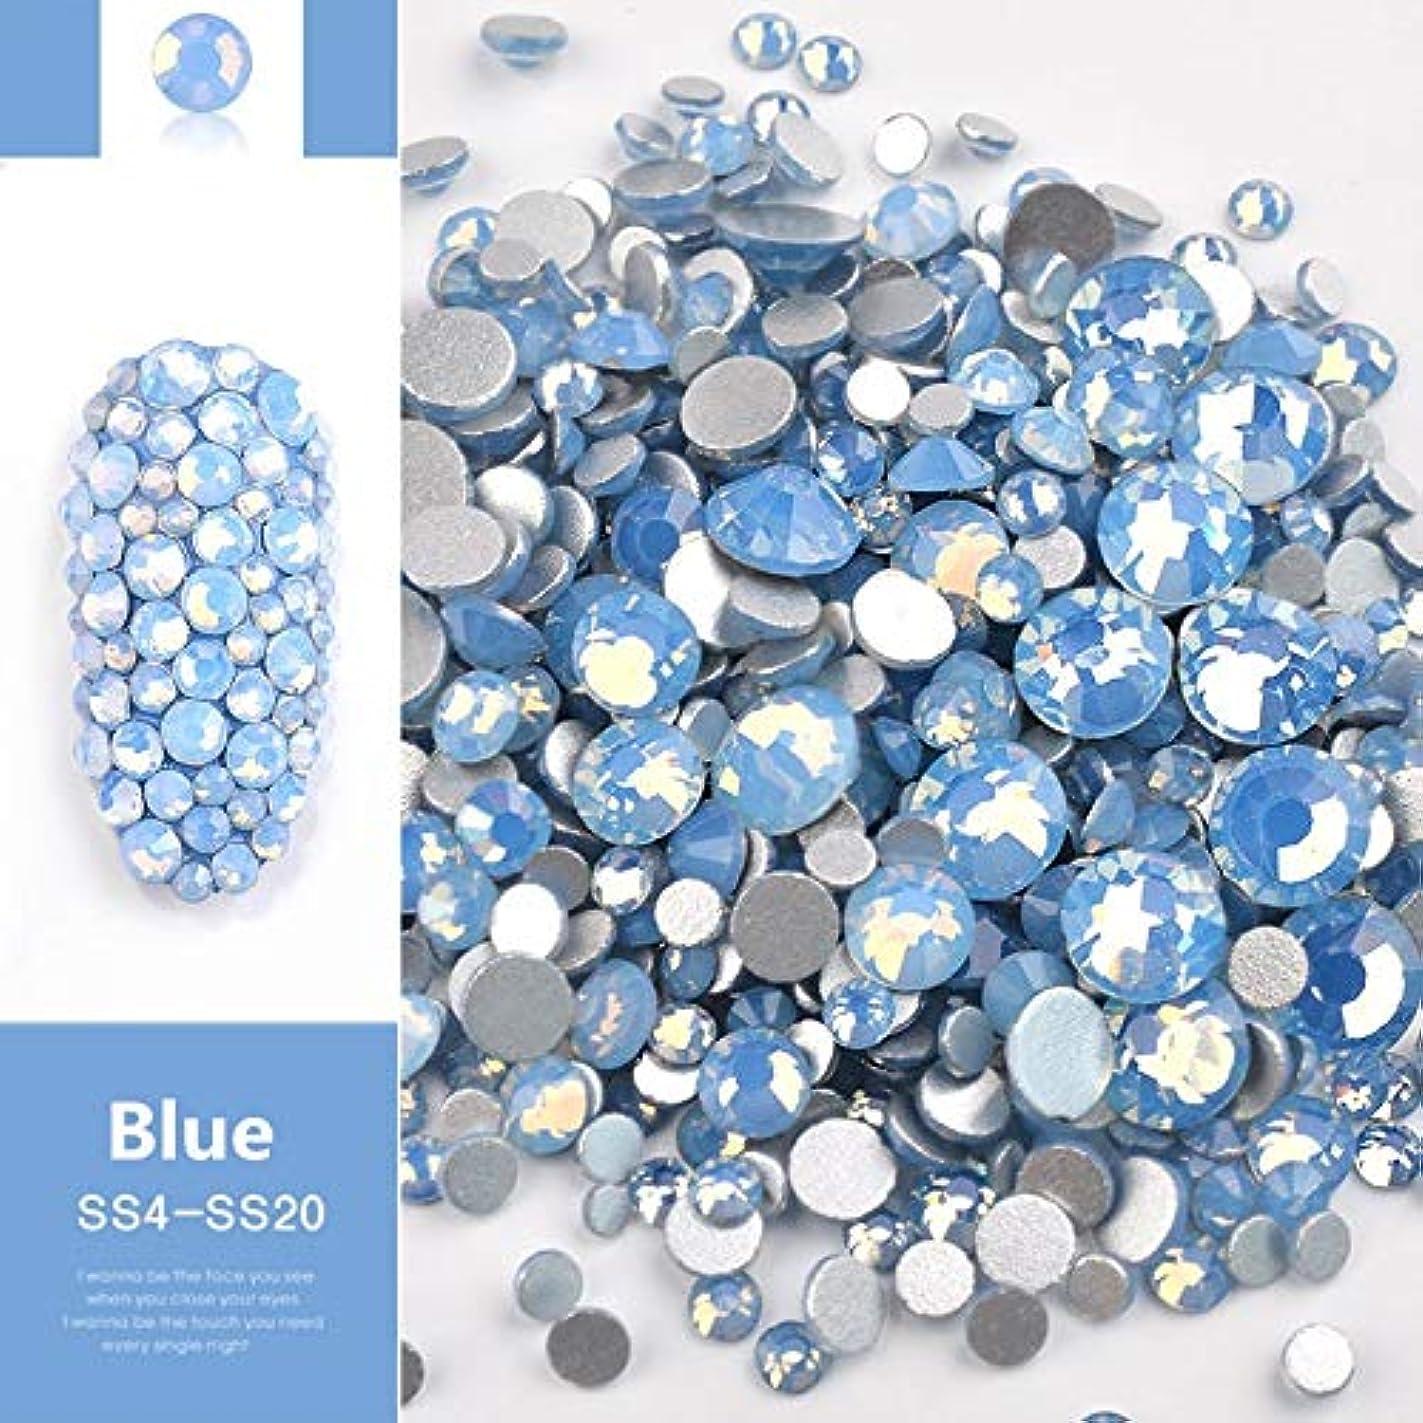 週間時計回り弁護士Jiaoran ビーズ樹脂クリスタルラウンドネイルアートミックスフラットバックアクリルラインストーンミックスサイズ1.5-4.5 mm装飾用ネイル (Color : Blue)